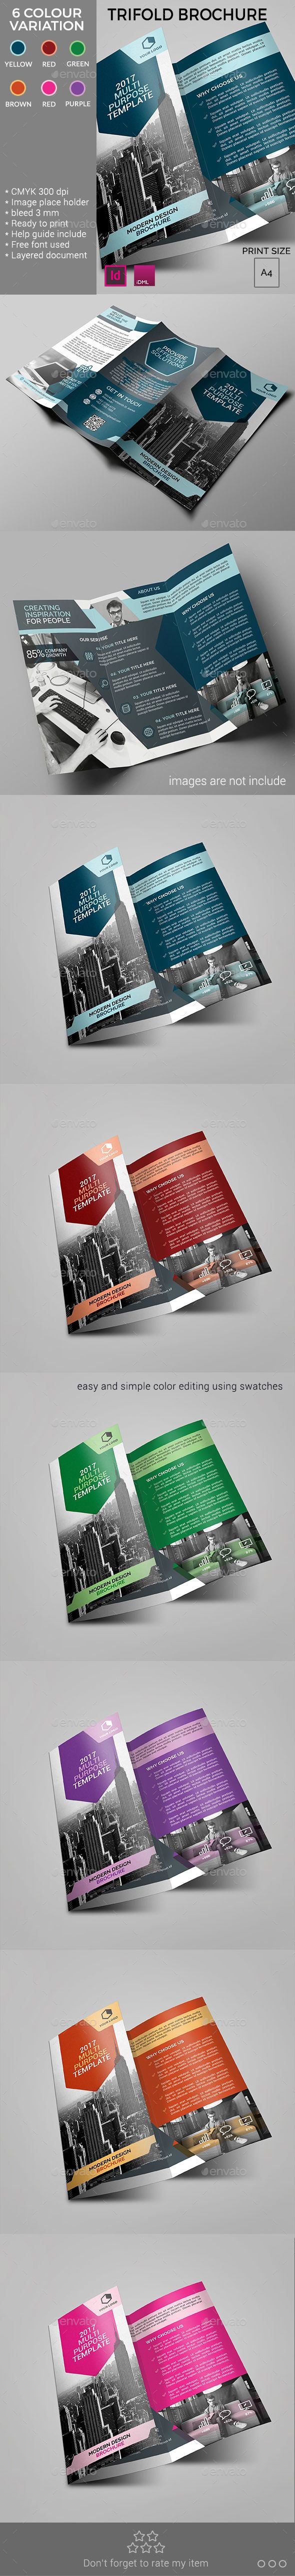 Trifold Brochure | Tríptico, Asas y Tarjetas